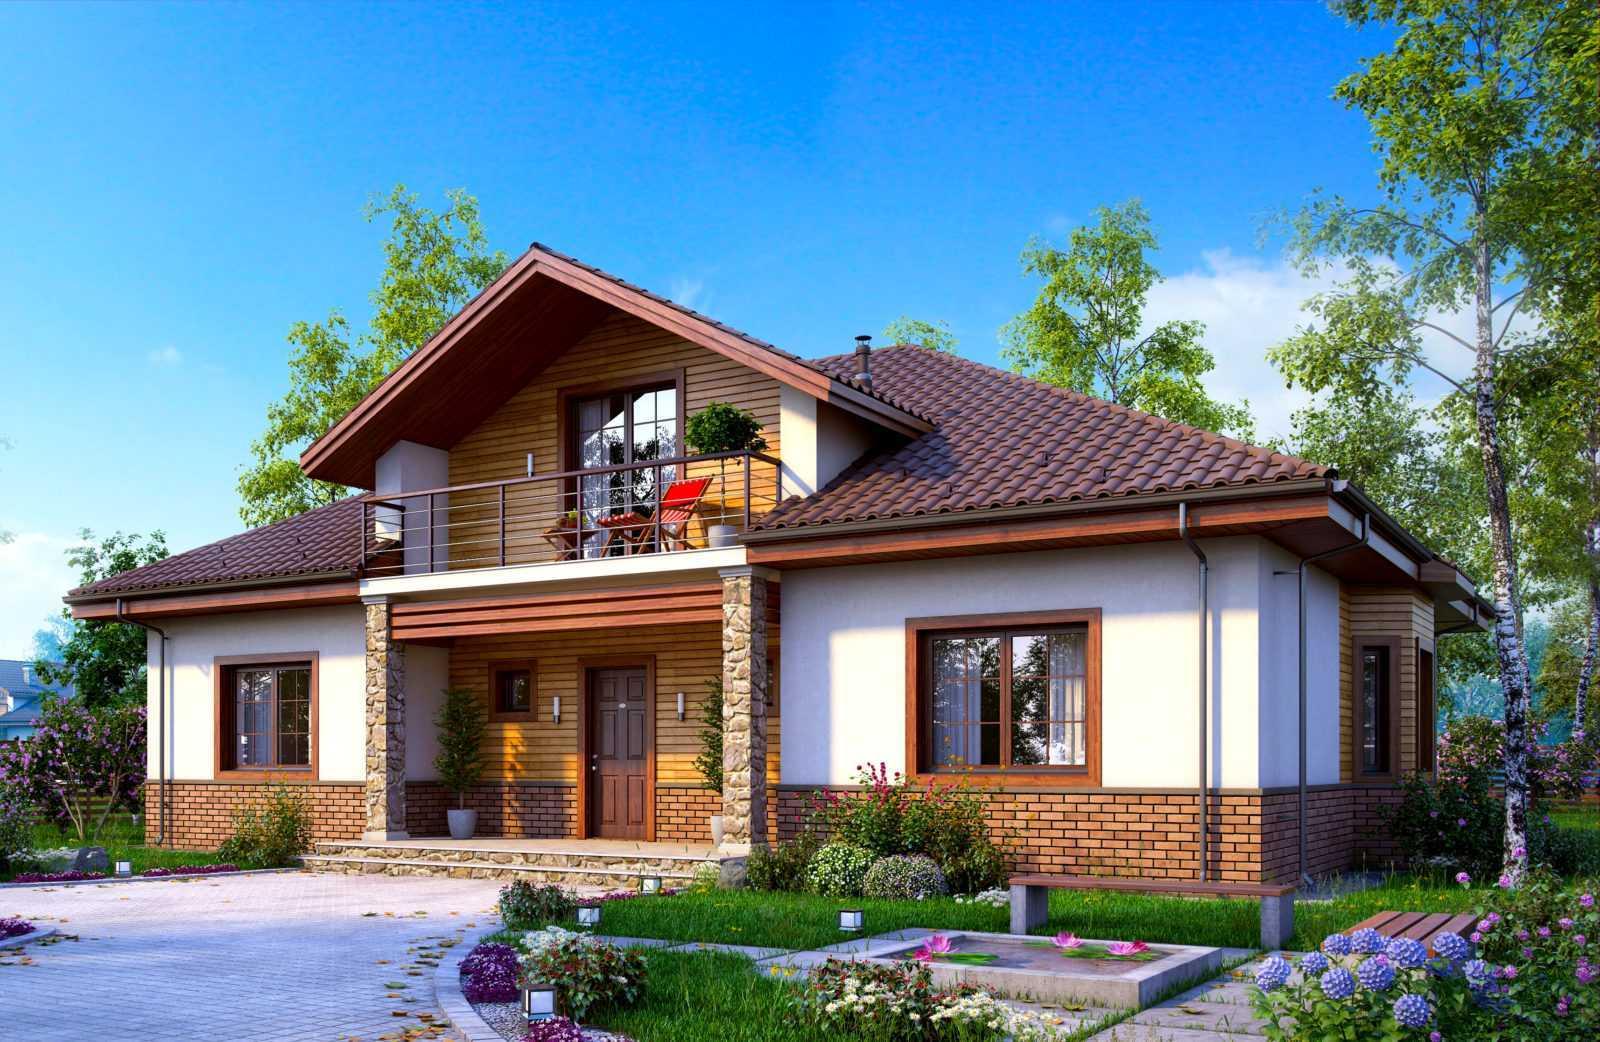 Картинки новых дачных домов чаще всего